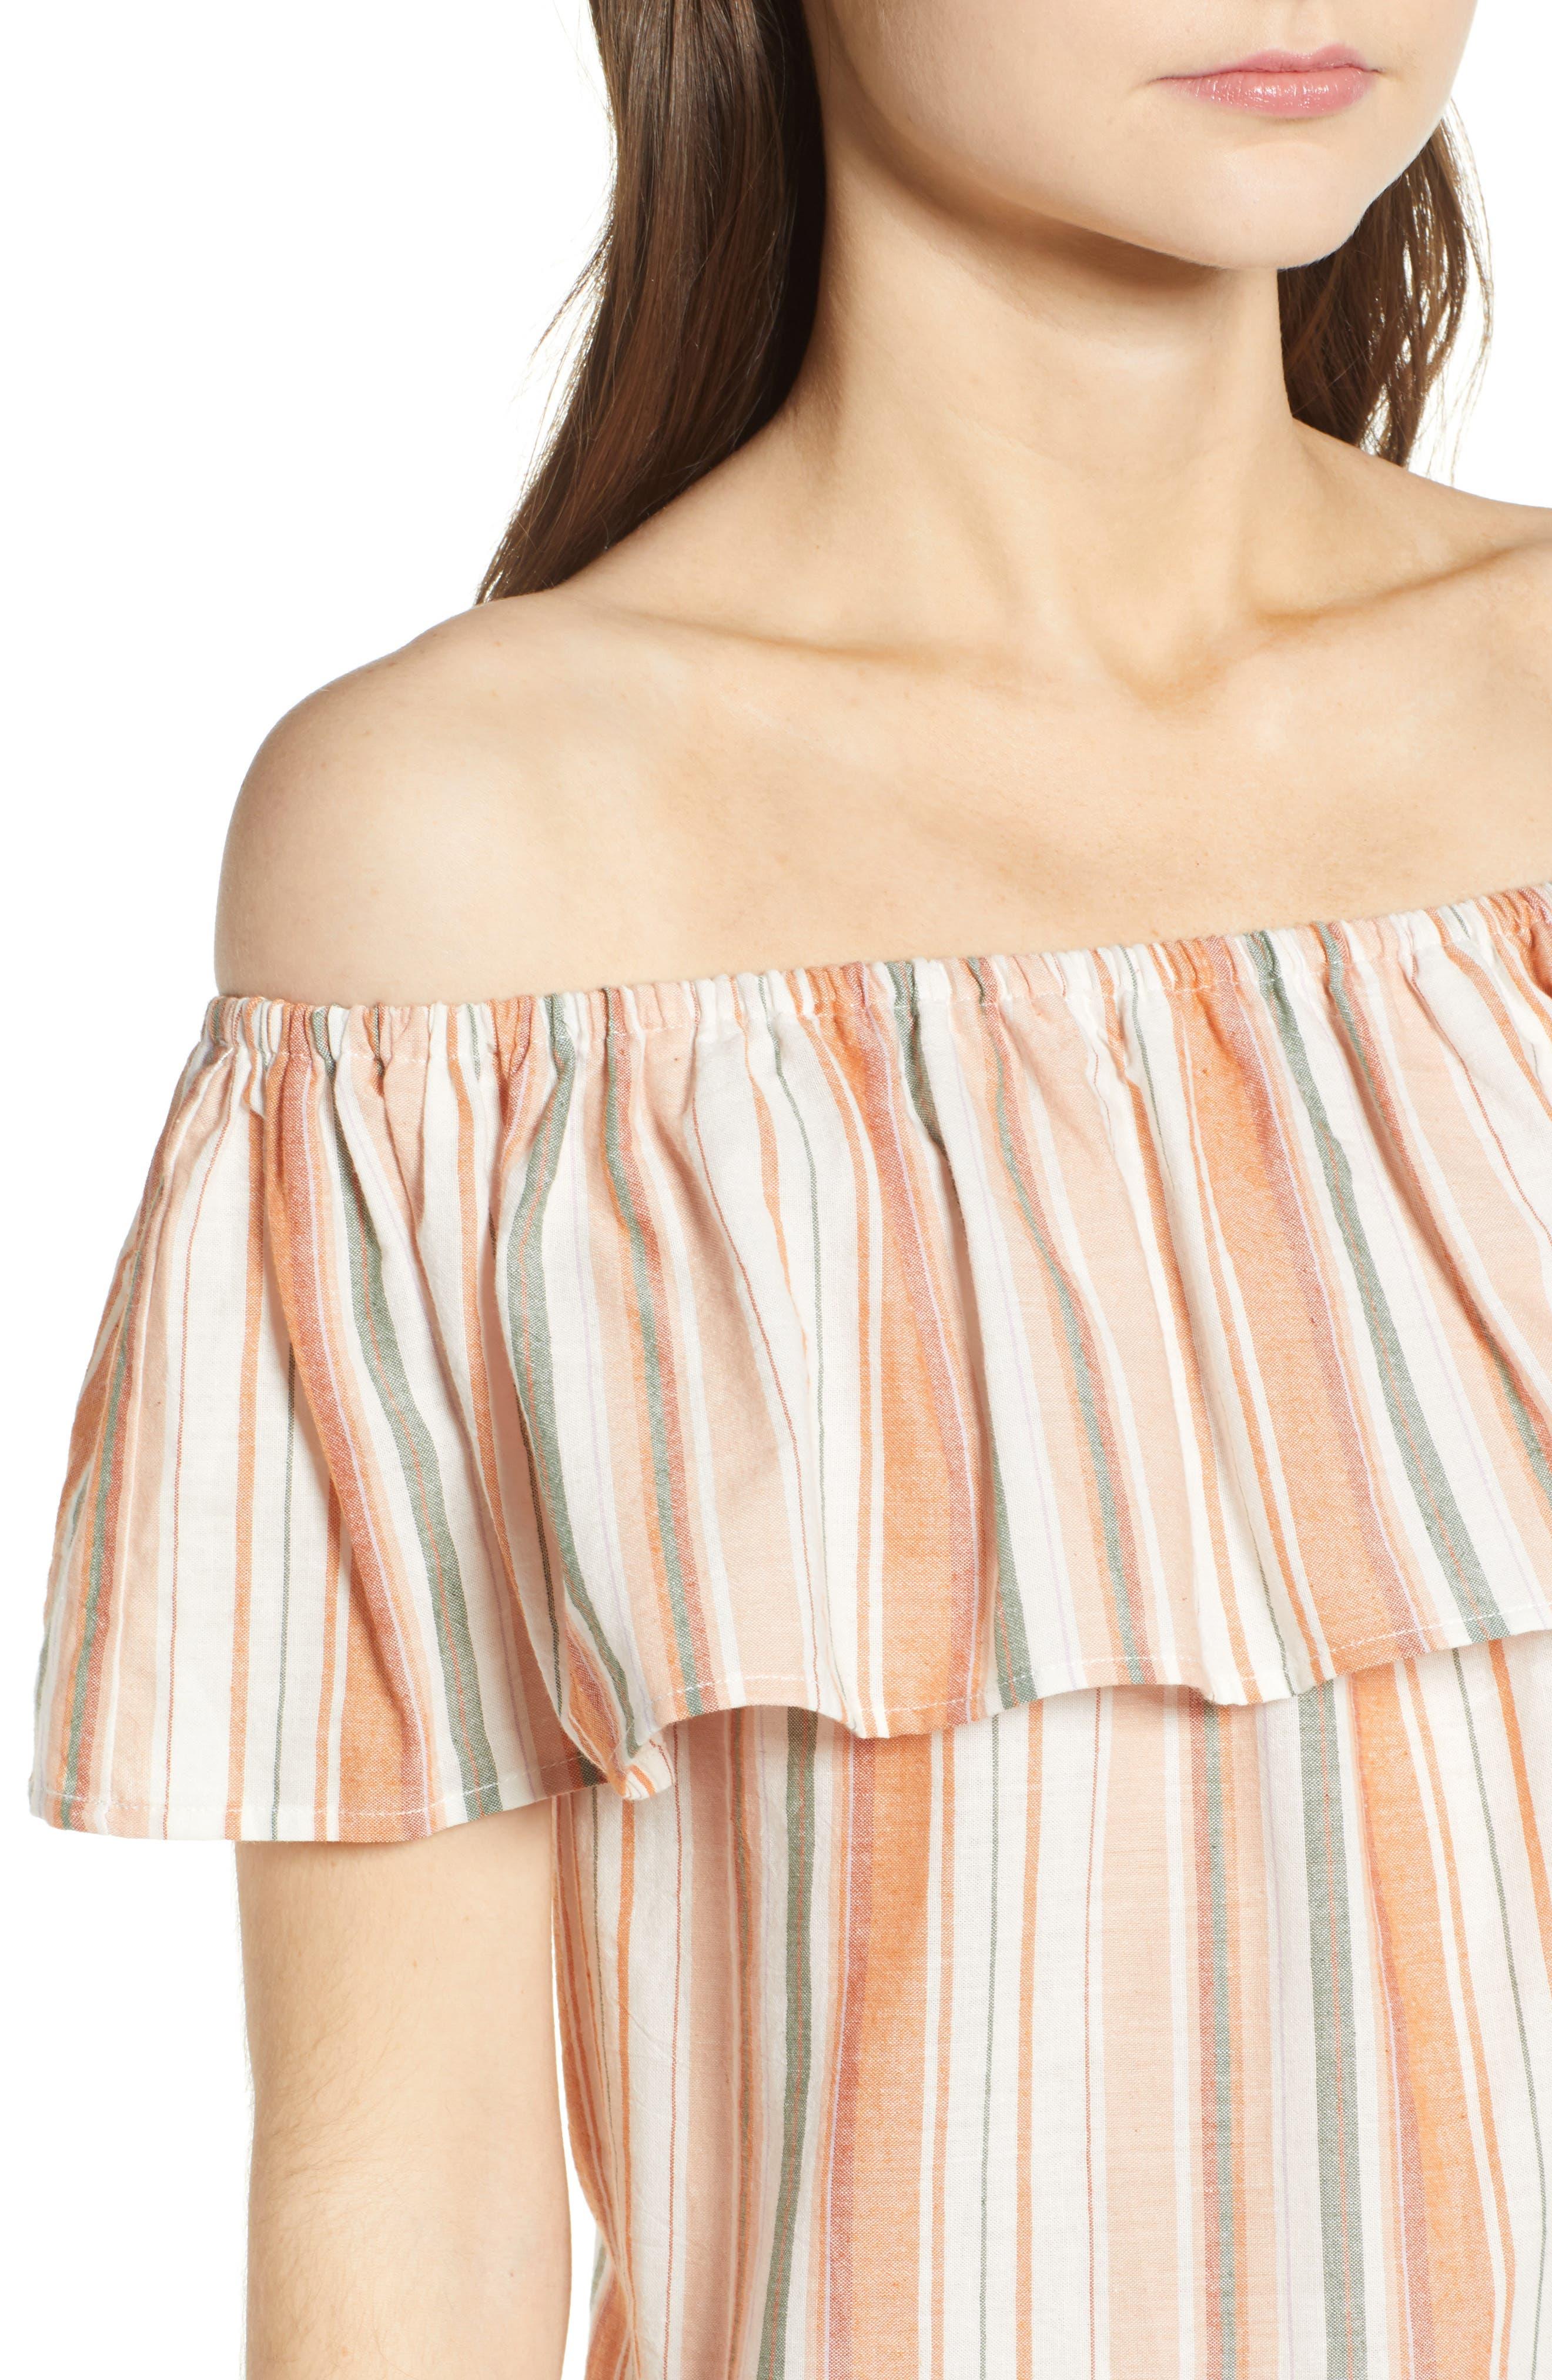 BISHOP + YOUNG,                             Sunset Stripe Off the Shoulder Dress,                             Alternate thumbnail 4, color,                             844